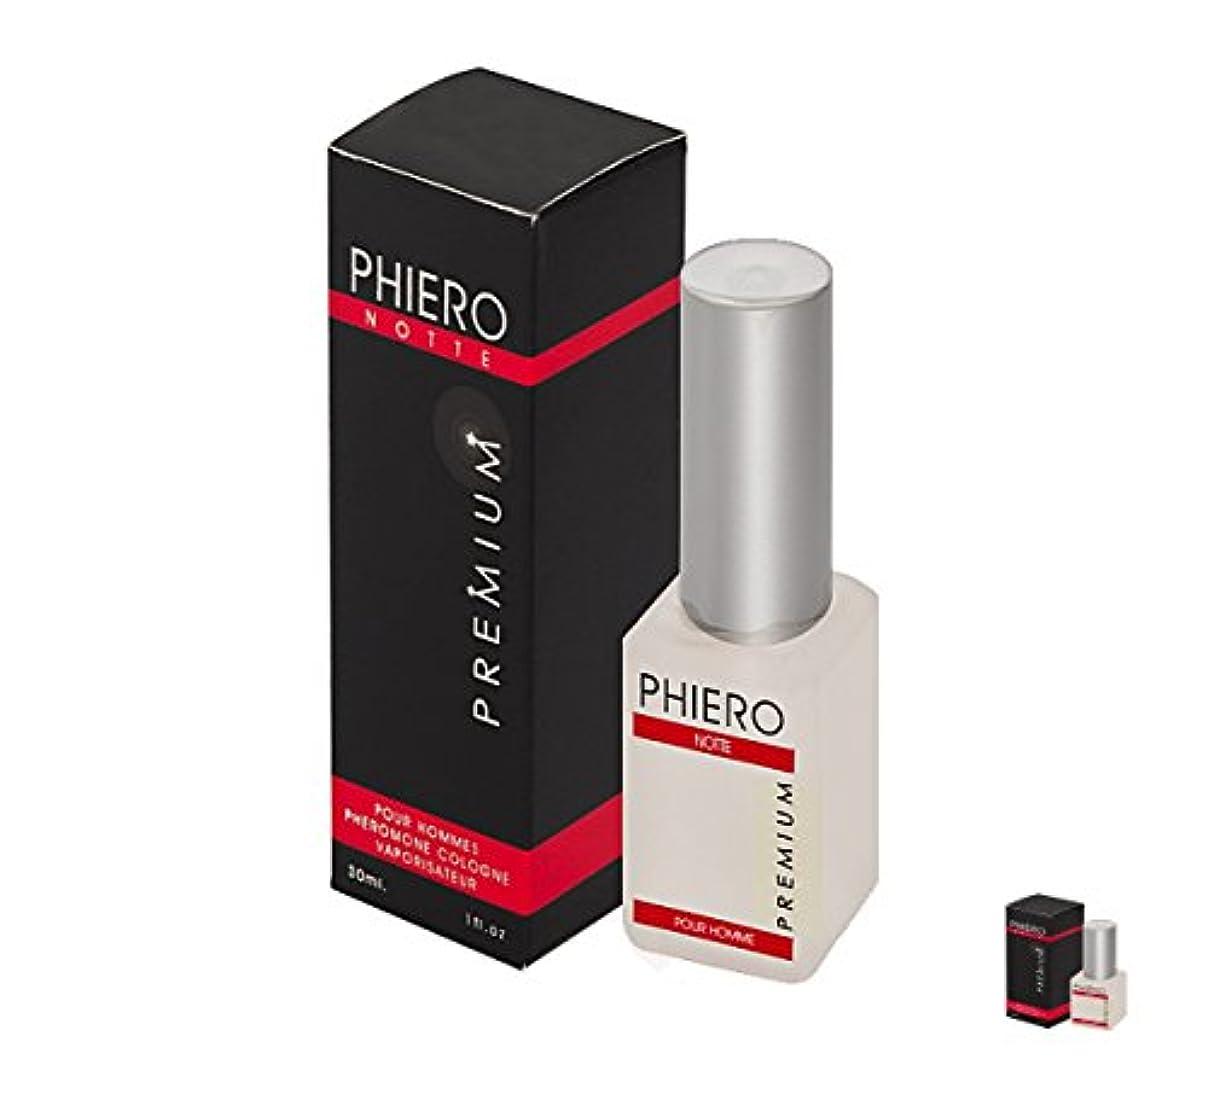 ゴミ肘みすぼらしいPhiero PREMIUM Man - プレミアム香水フェロモン - 香水 - 集中的で男性的 30ml